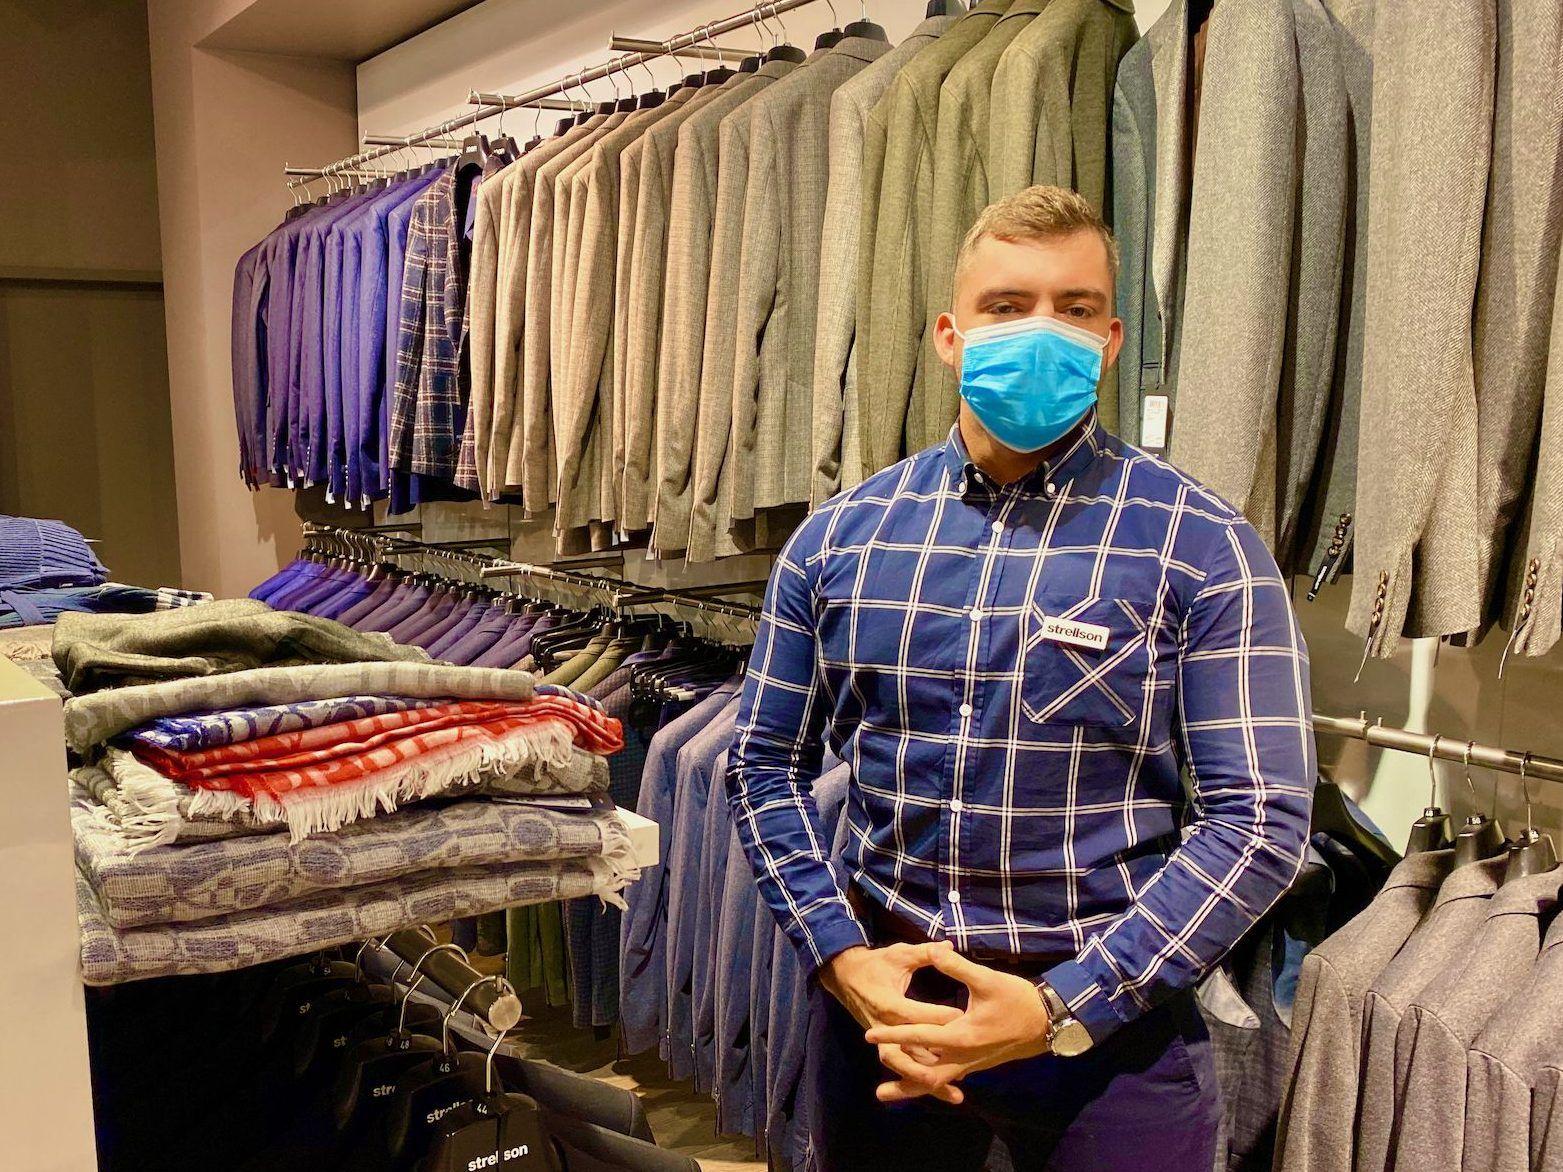 Kompetente Beratung beim Kauf gibt es gratis dazu – wie hier von Dominik im Store von Strellson und Joop. Foto: Sascha Tegtmeyer